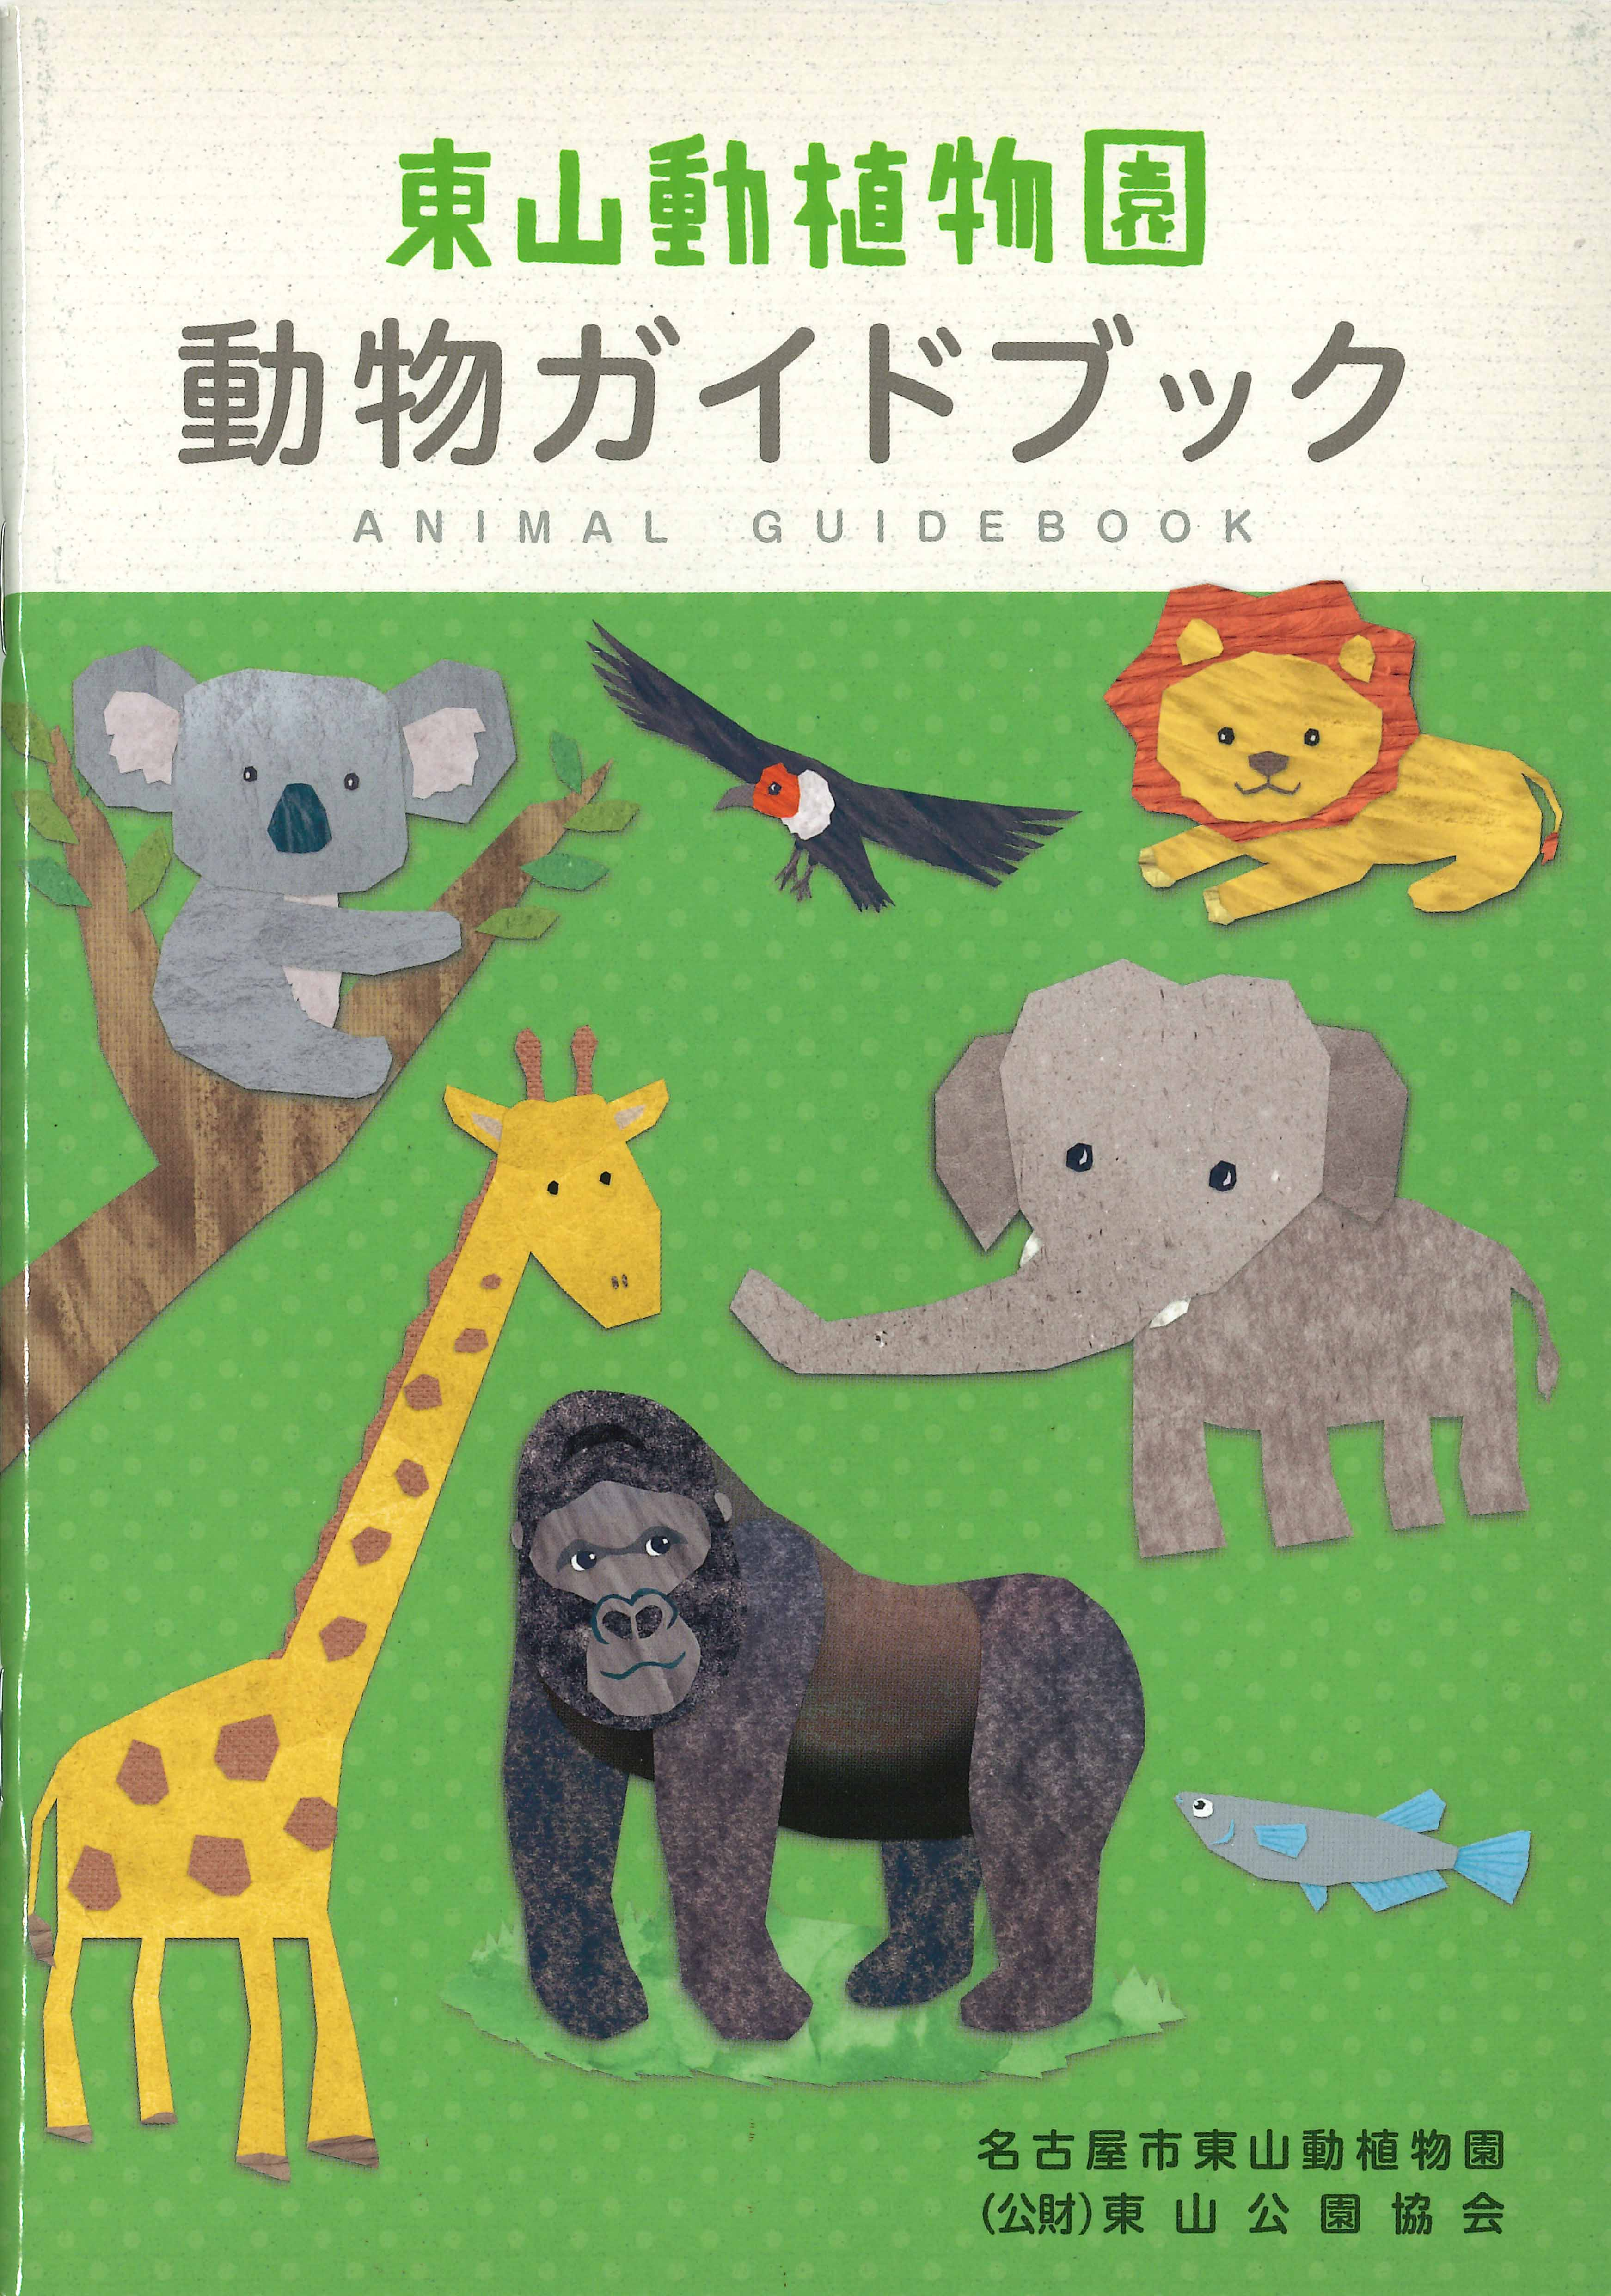 「動物ガイドブック」第7刷ができました